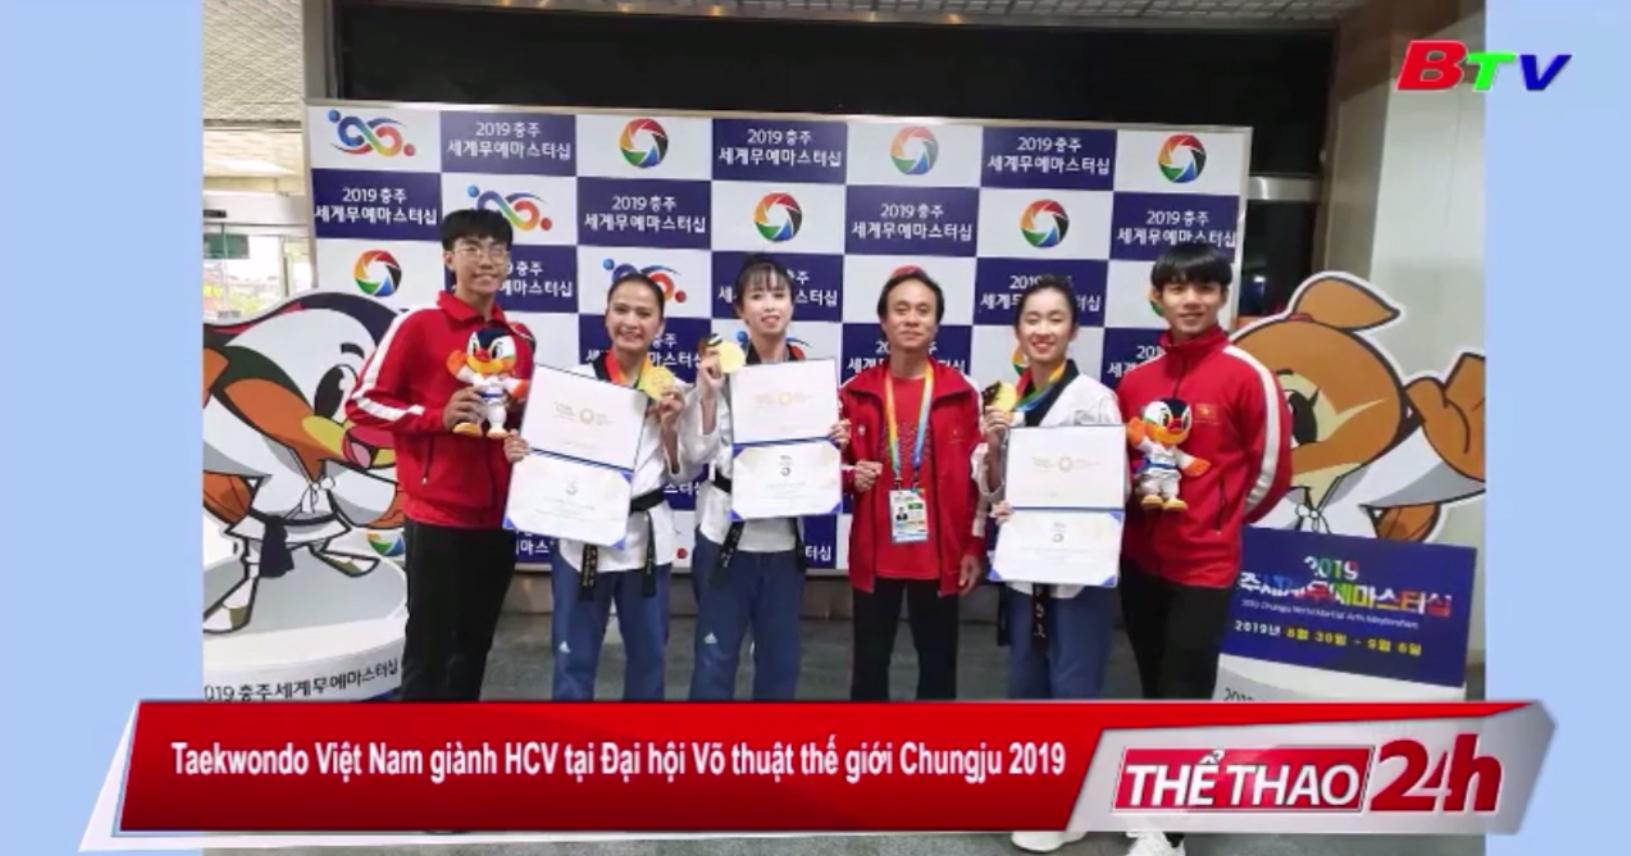 Taekwondo Việt Nam giành HCV tại Đại hội Võ thuật thế giới Chungju 2019